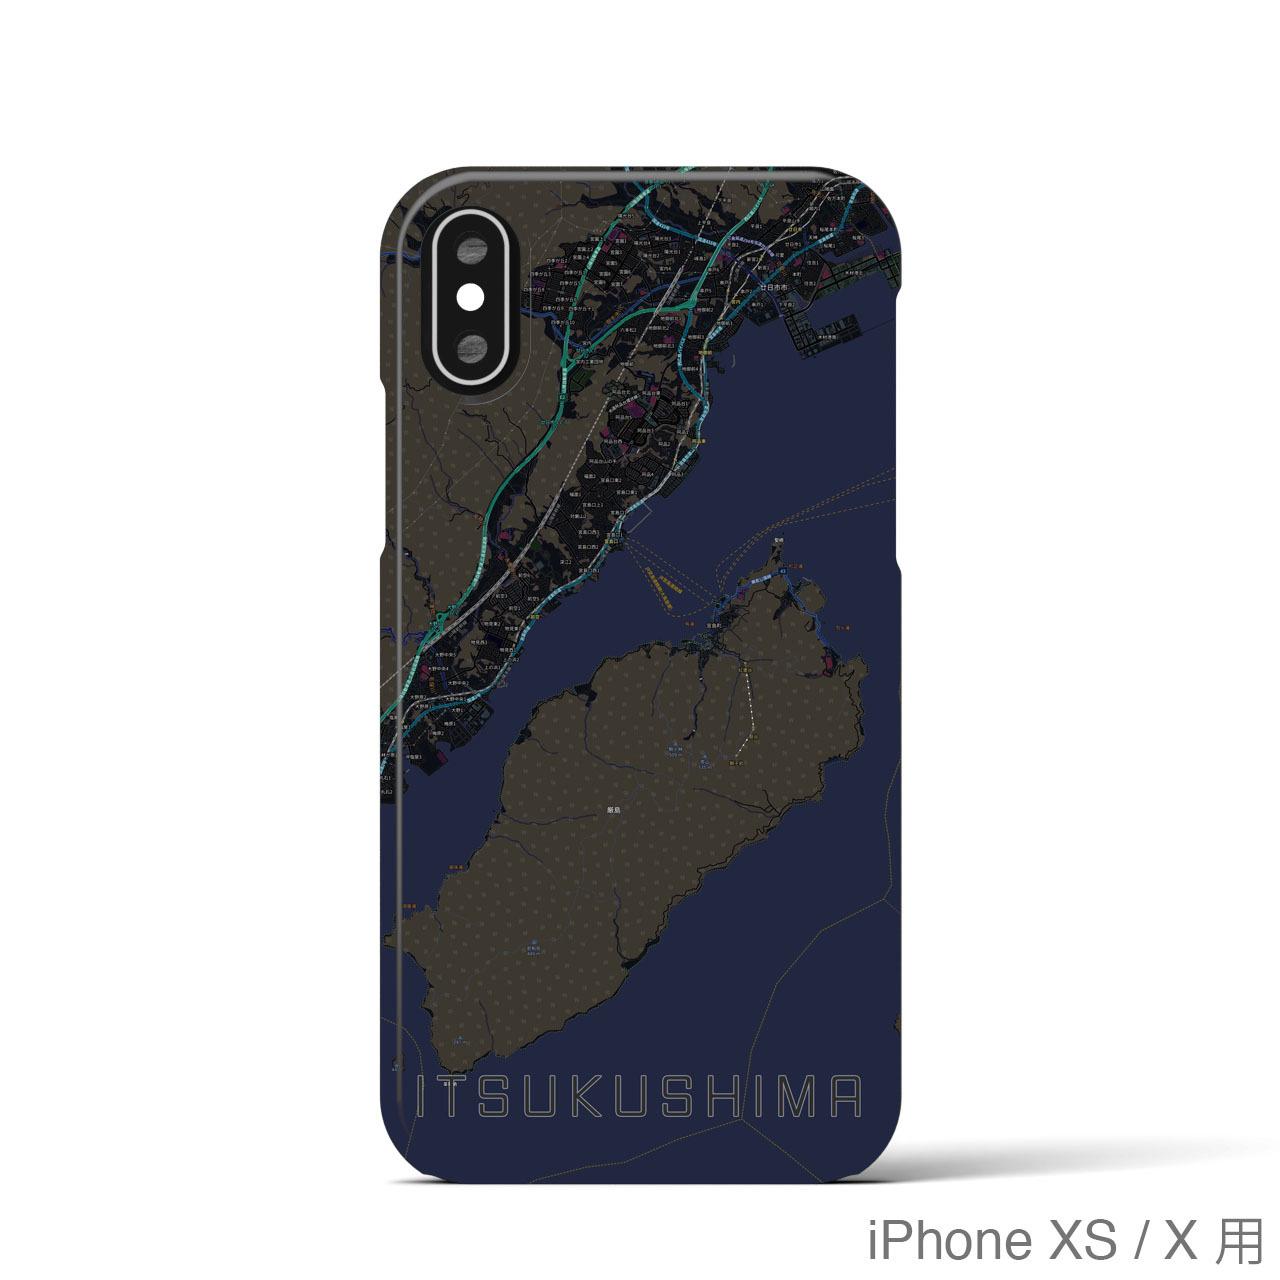 【厳島】地図柄iPhoneケース(バックカバータイプ・ブラック)